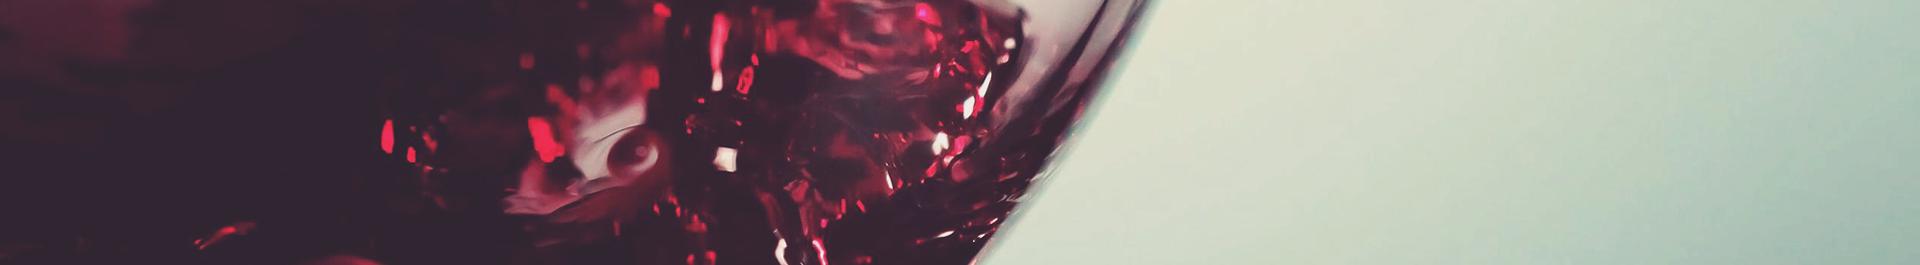 wines-2